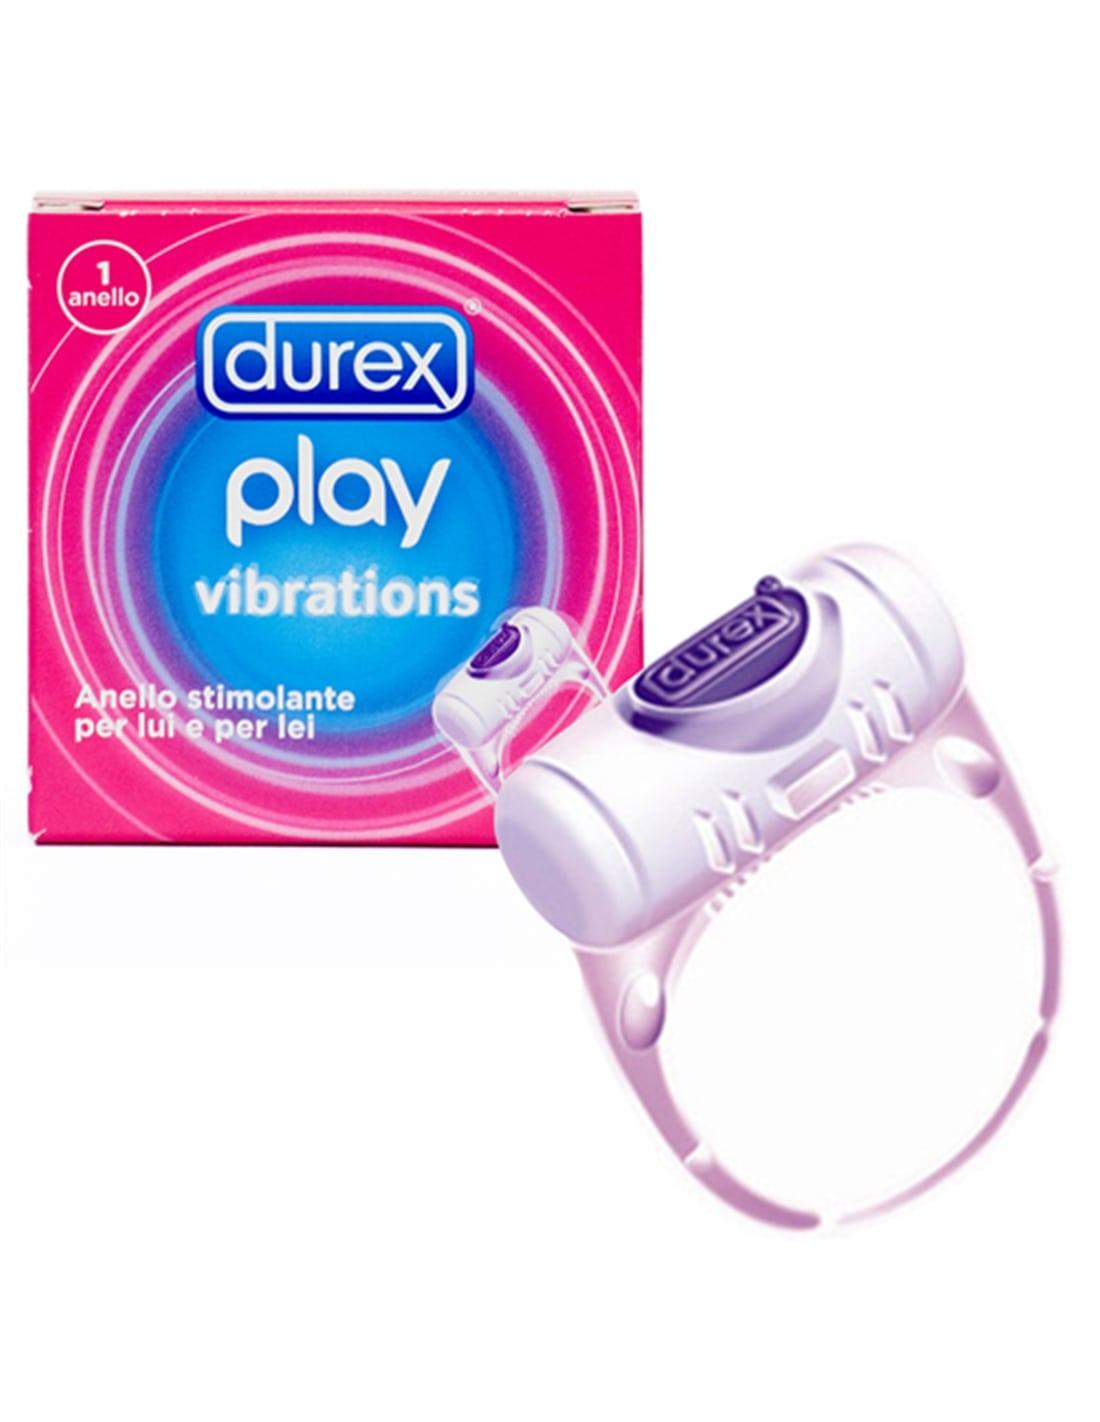 Anel Vibratório Durex Play Vibrations - PR2010307564